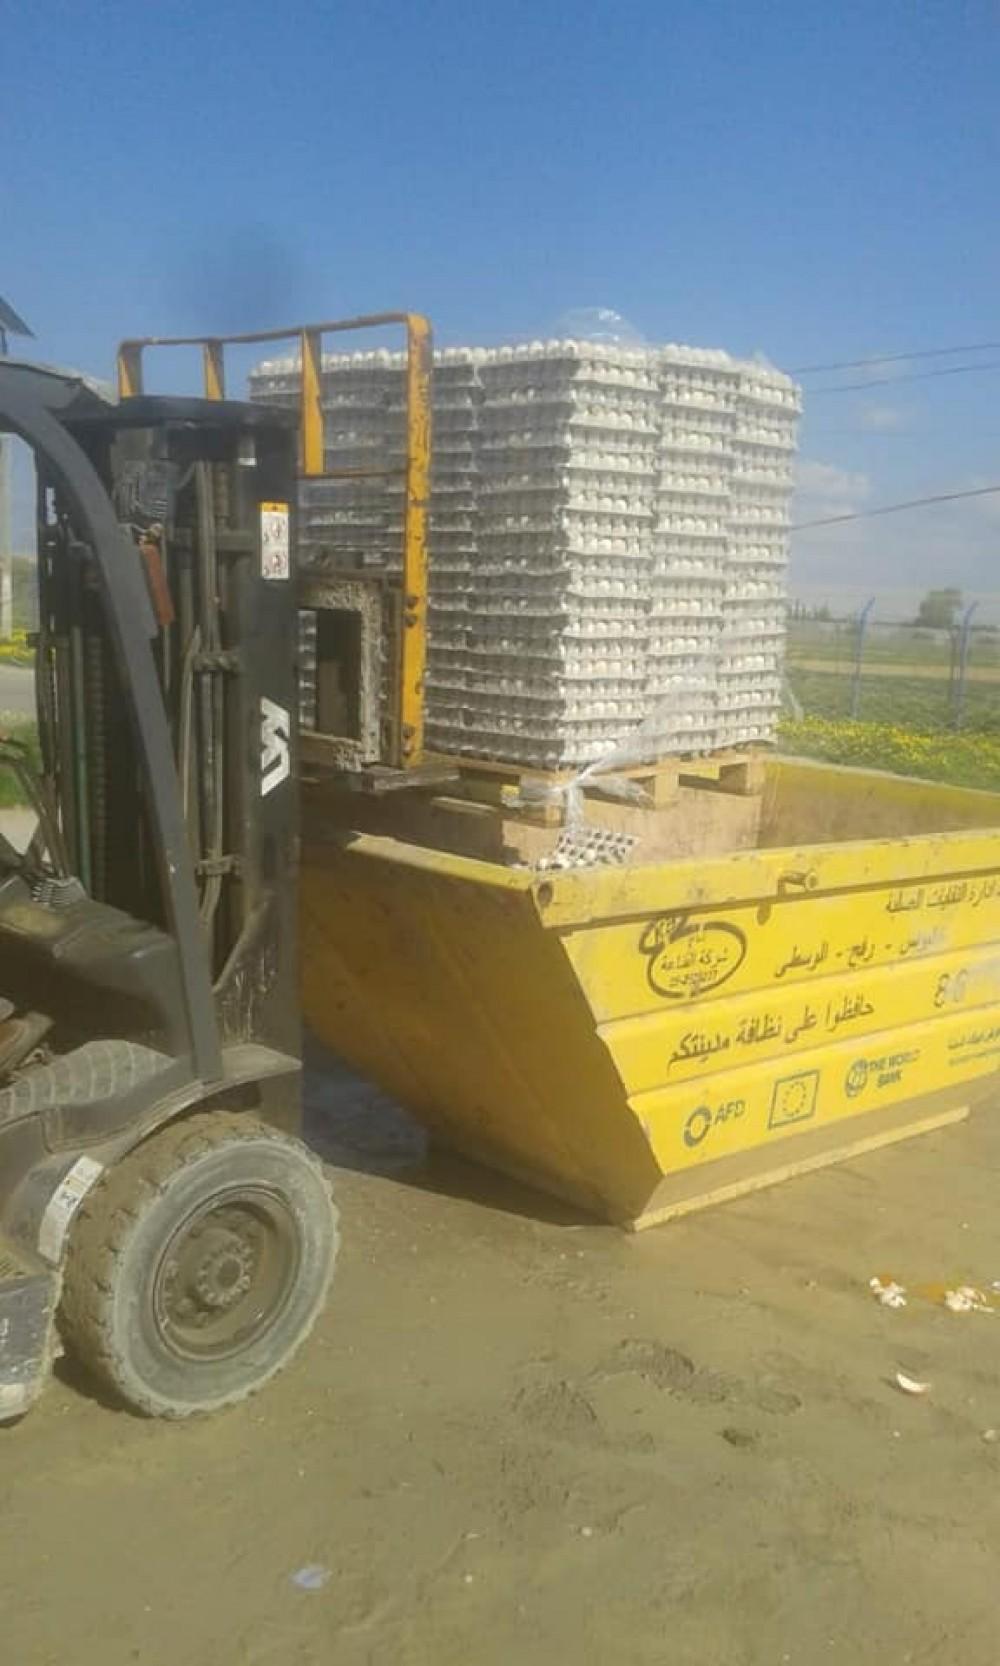 الزراعة تتلف عدد 11670 بيض مخصب لاحم مخالف للمواصفات